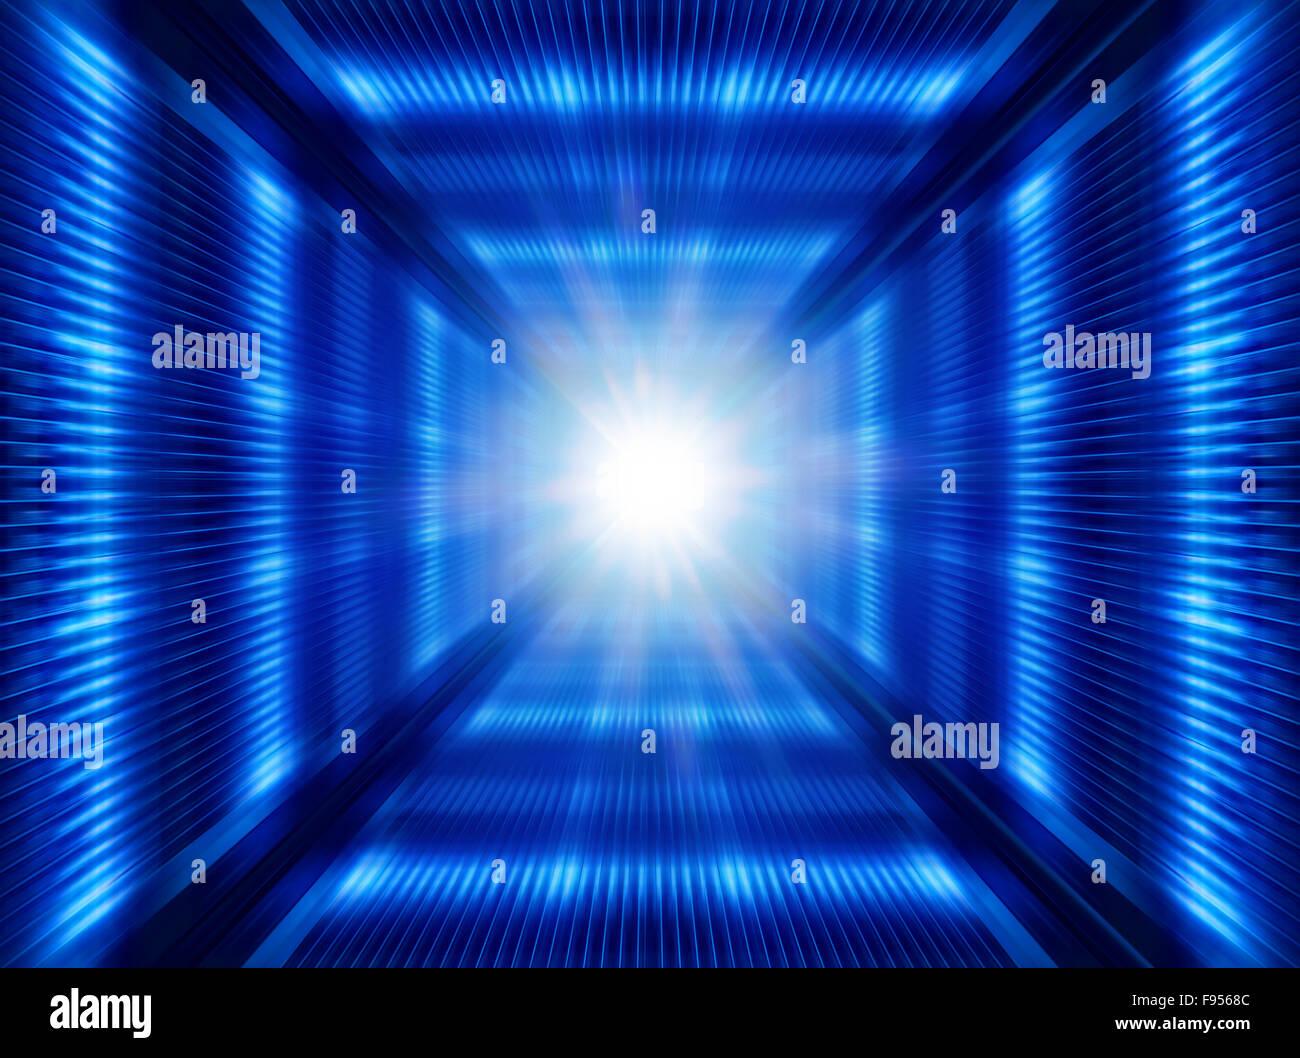 Ingrassate bright multi-colore sfondo astratto, futuristico illustrazione Immagini Stock